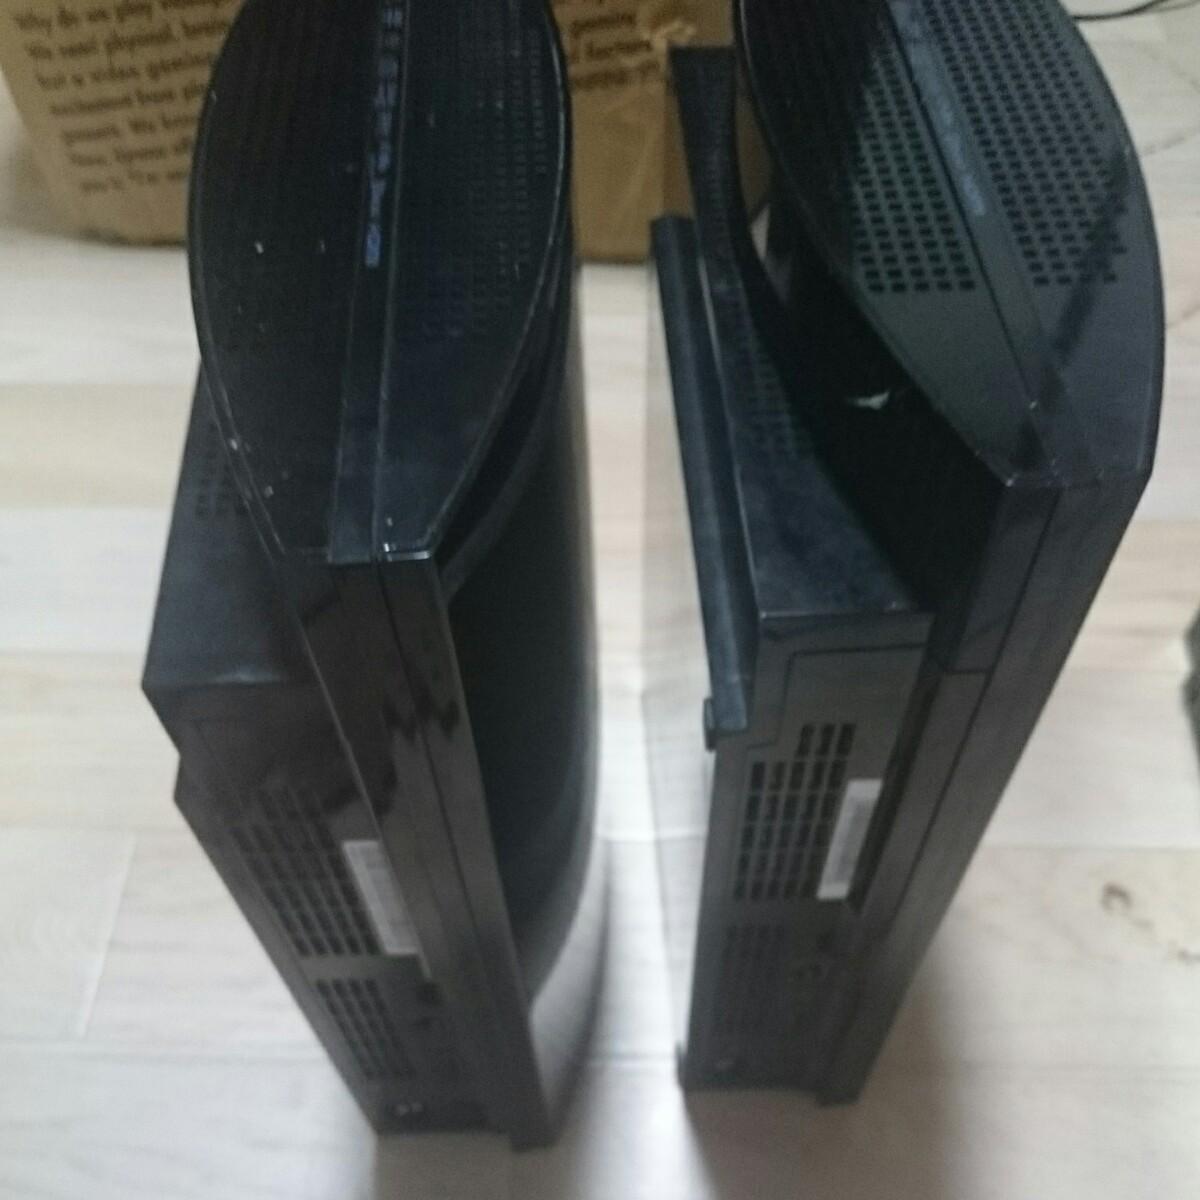 ソニー PS3 初期型 CECHA00×1 CECHB00×1 ジャンク